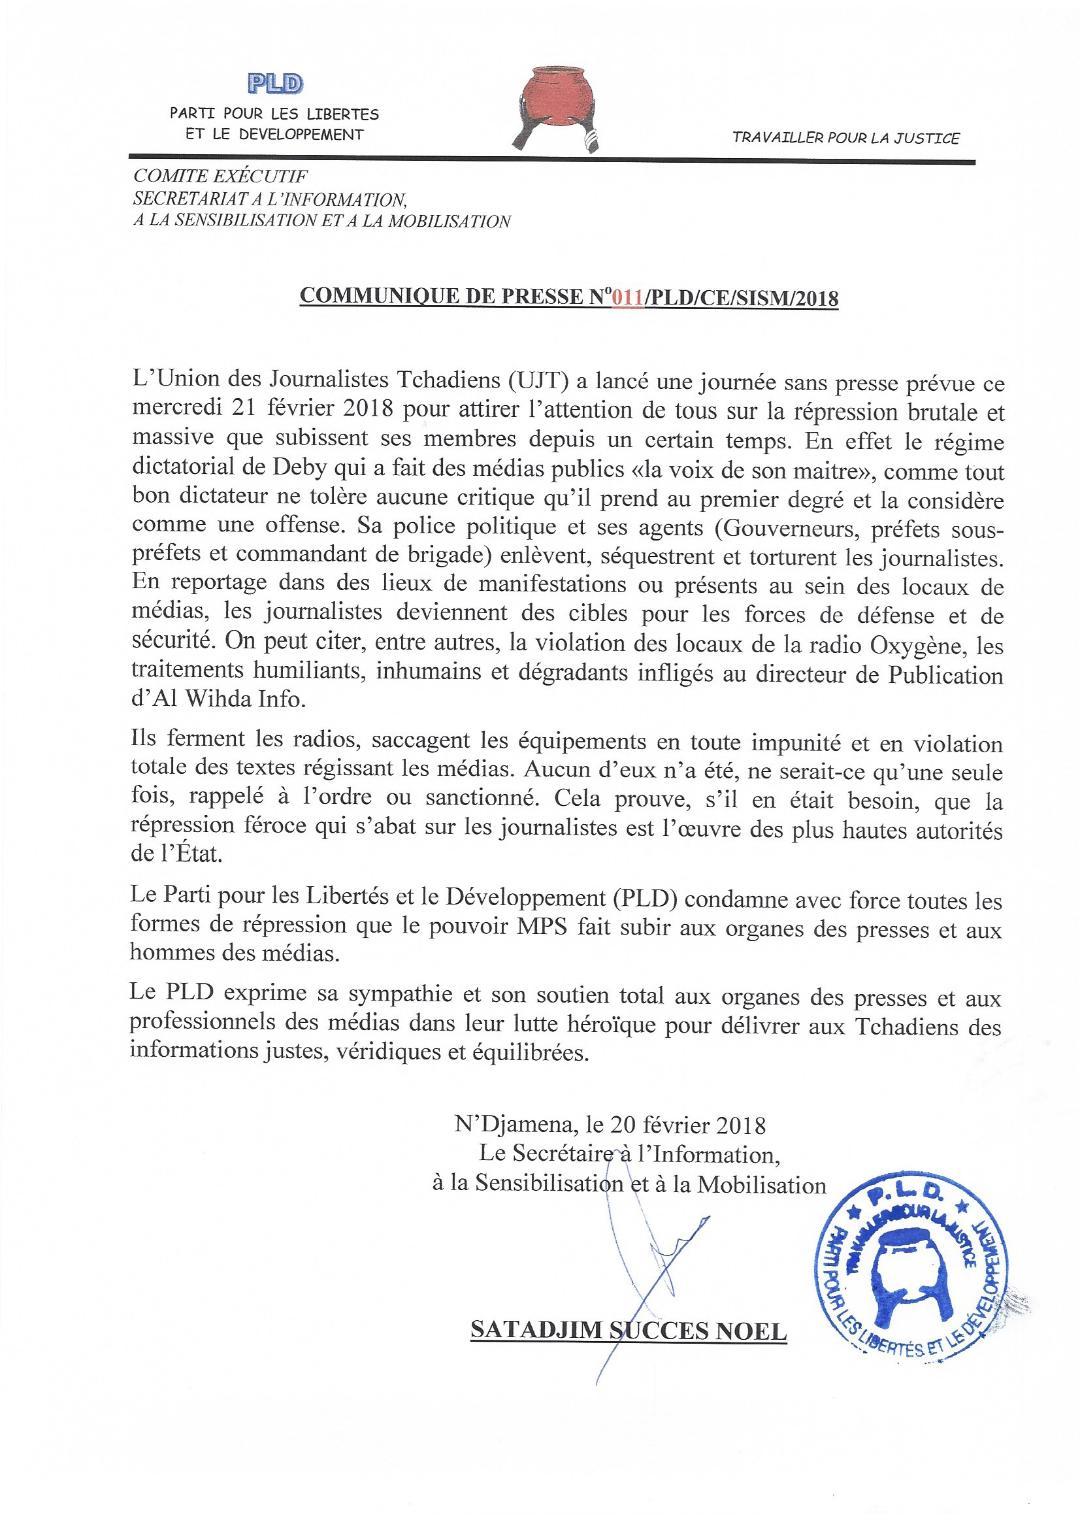 Tchad: Le PLD solidaire de l'UJT